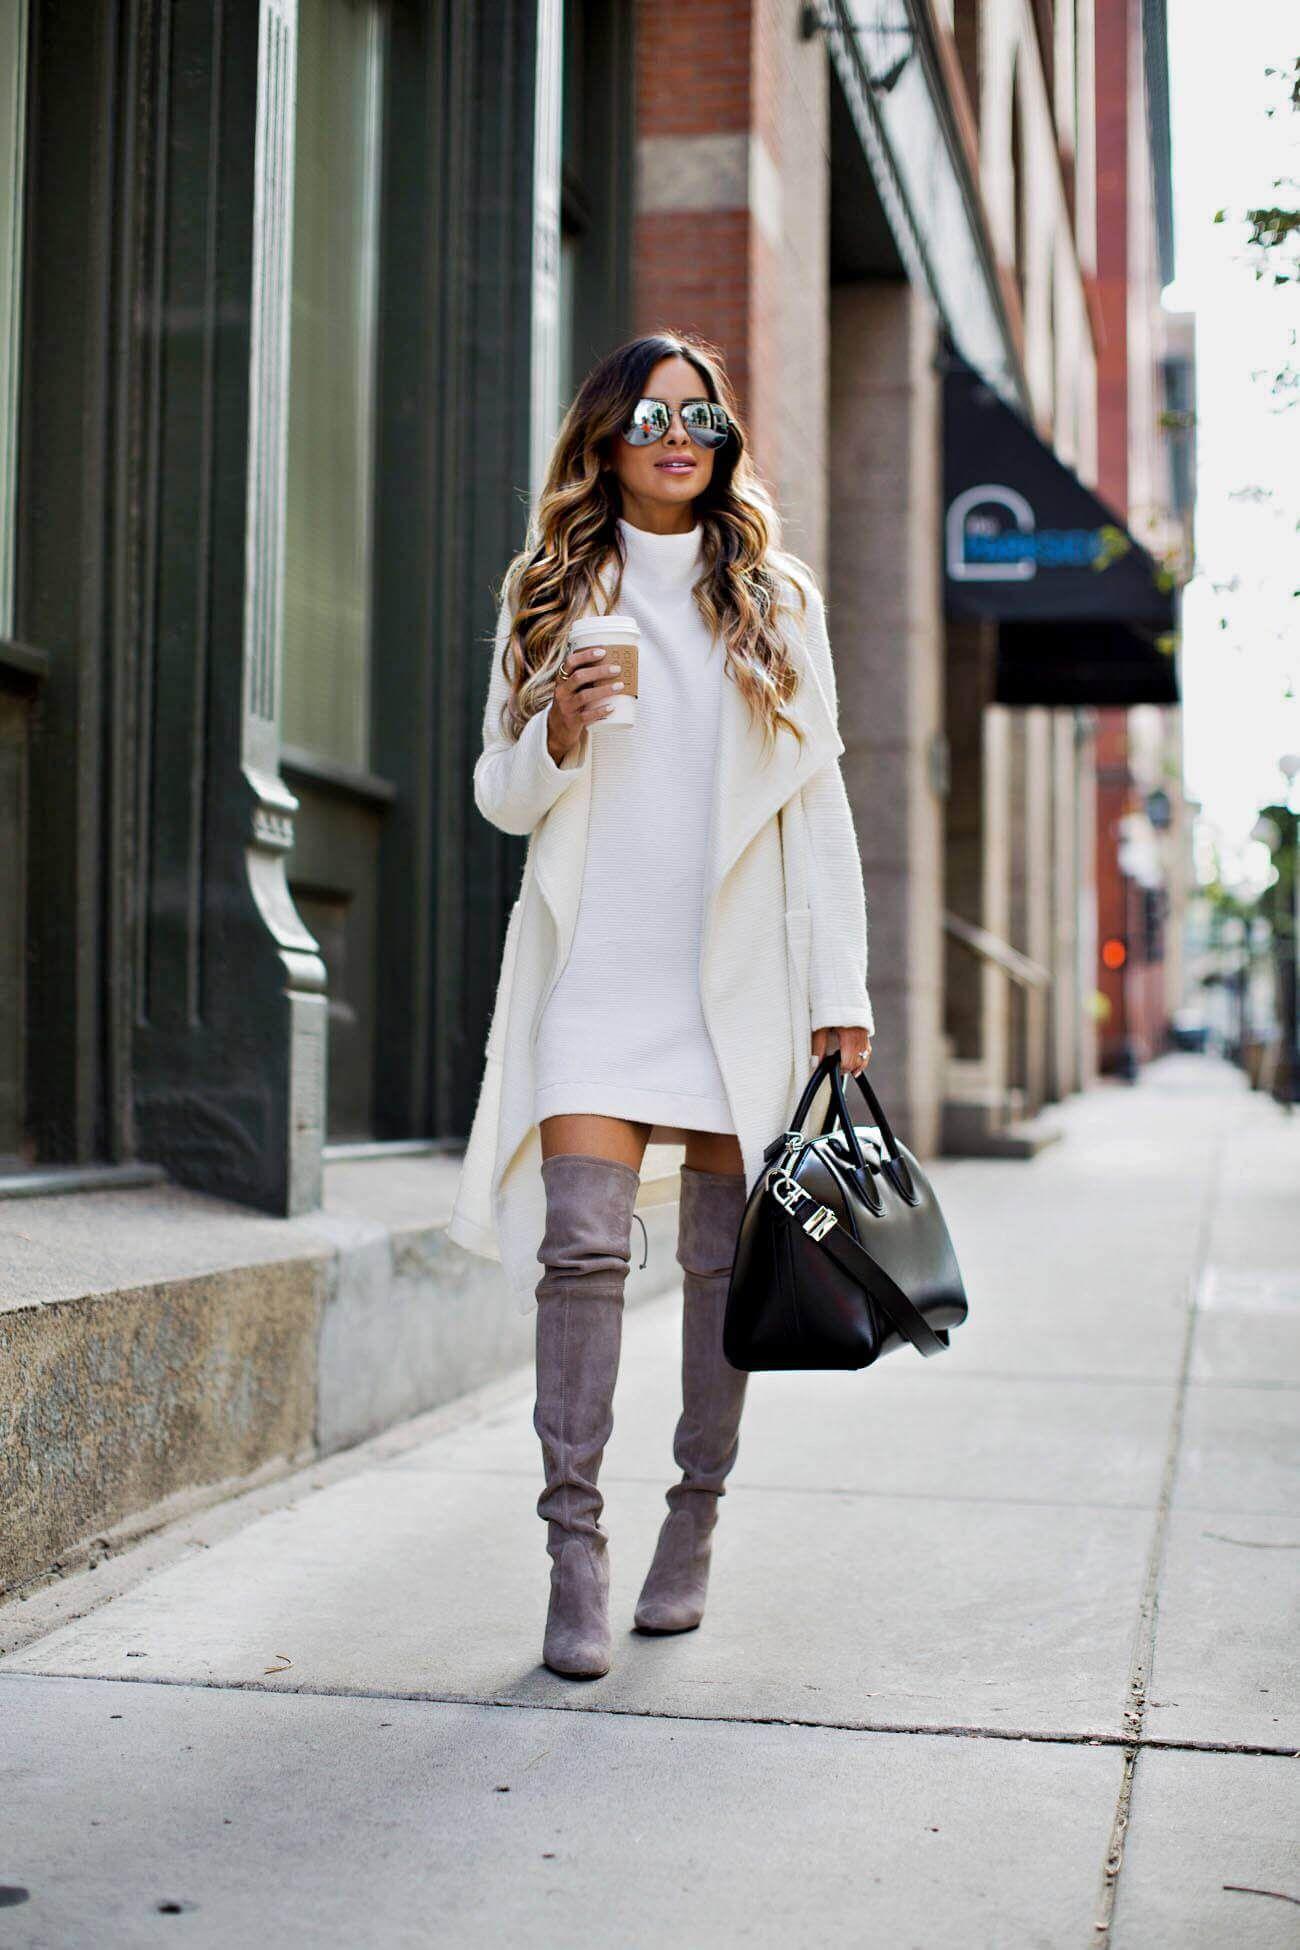 look con vestidos cortos y botas largas para una posada en invierno